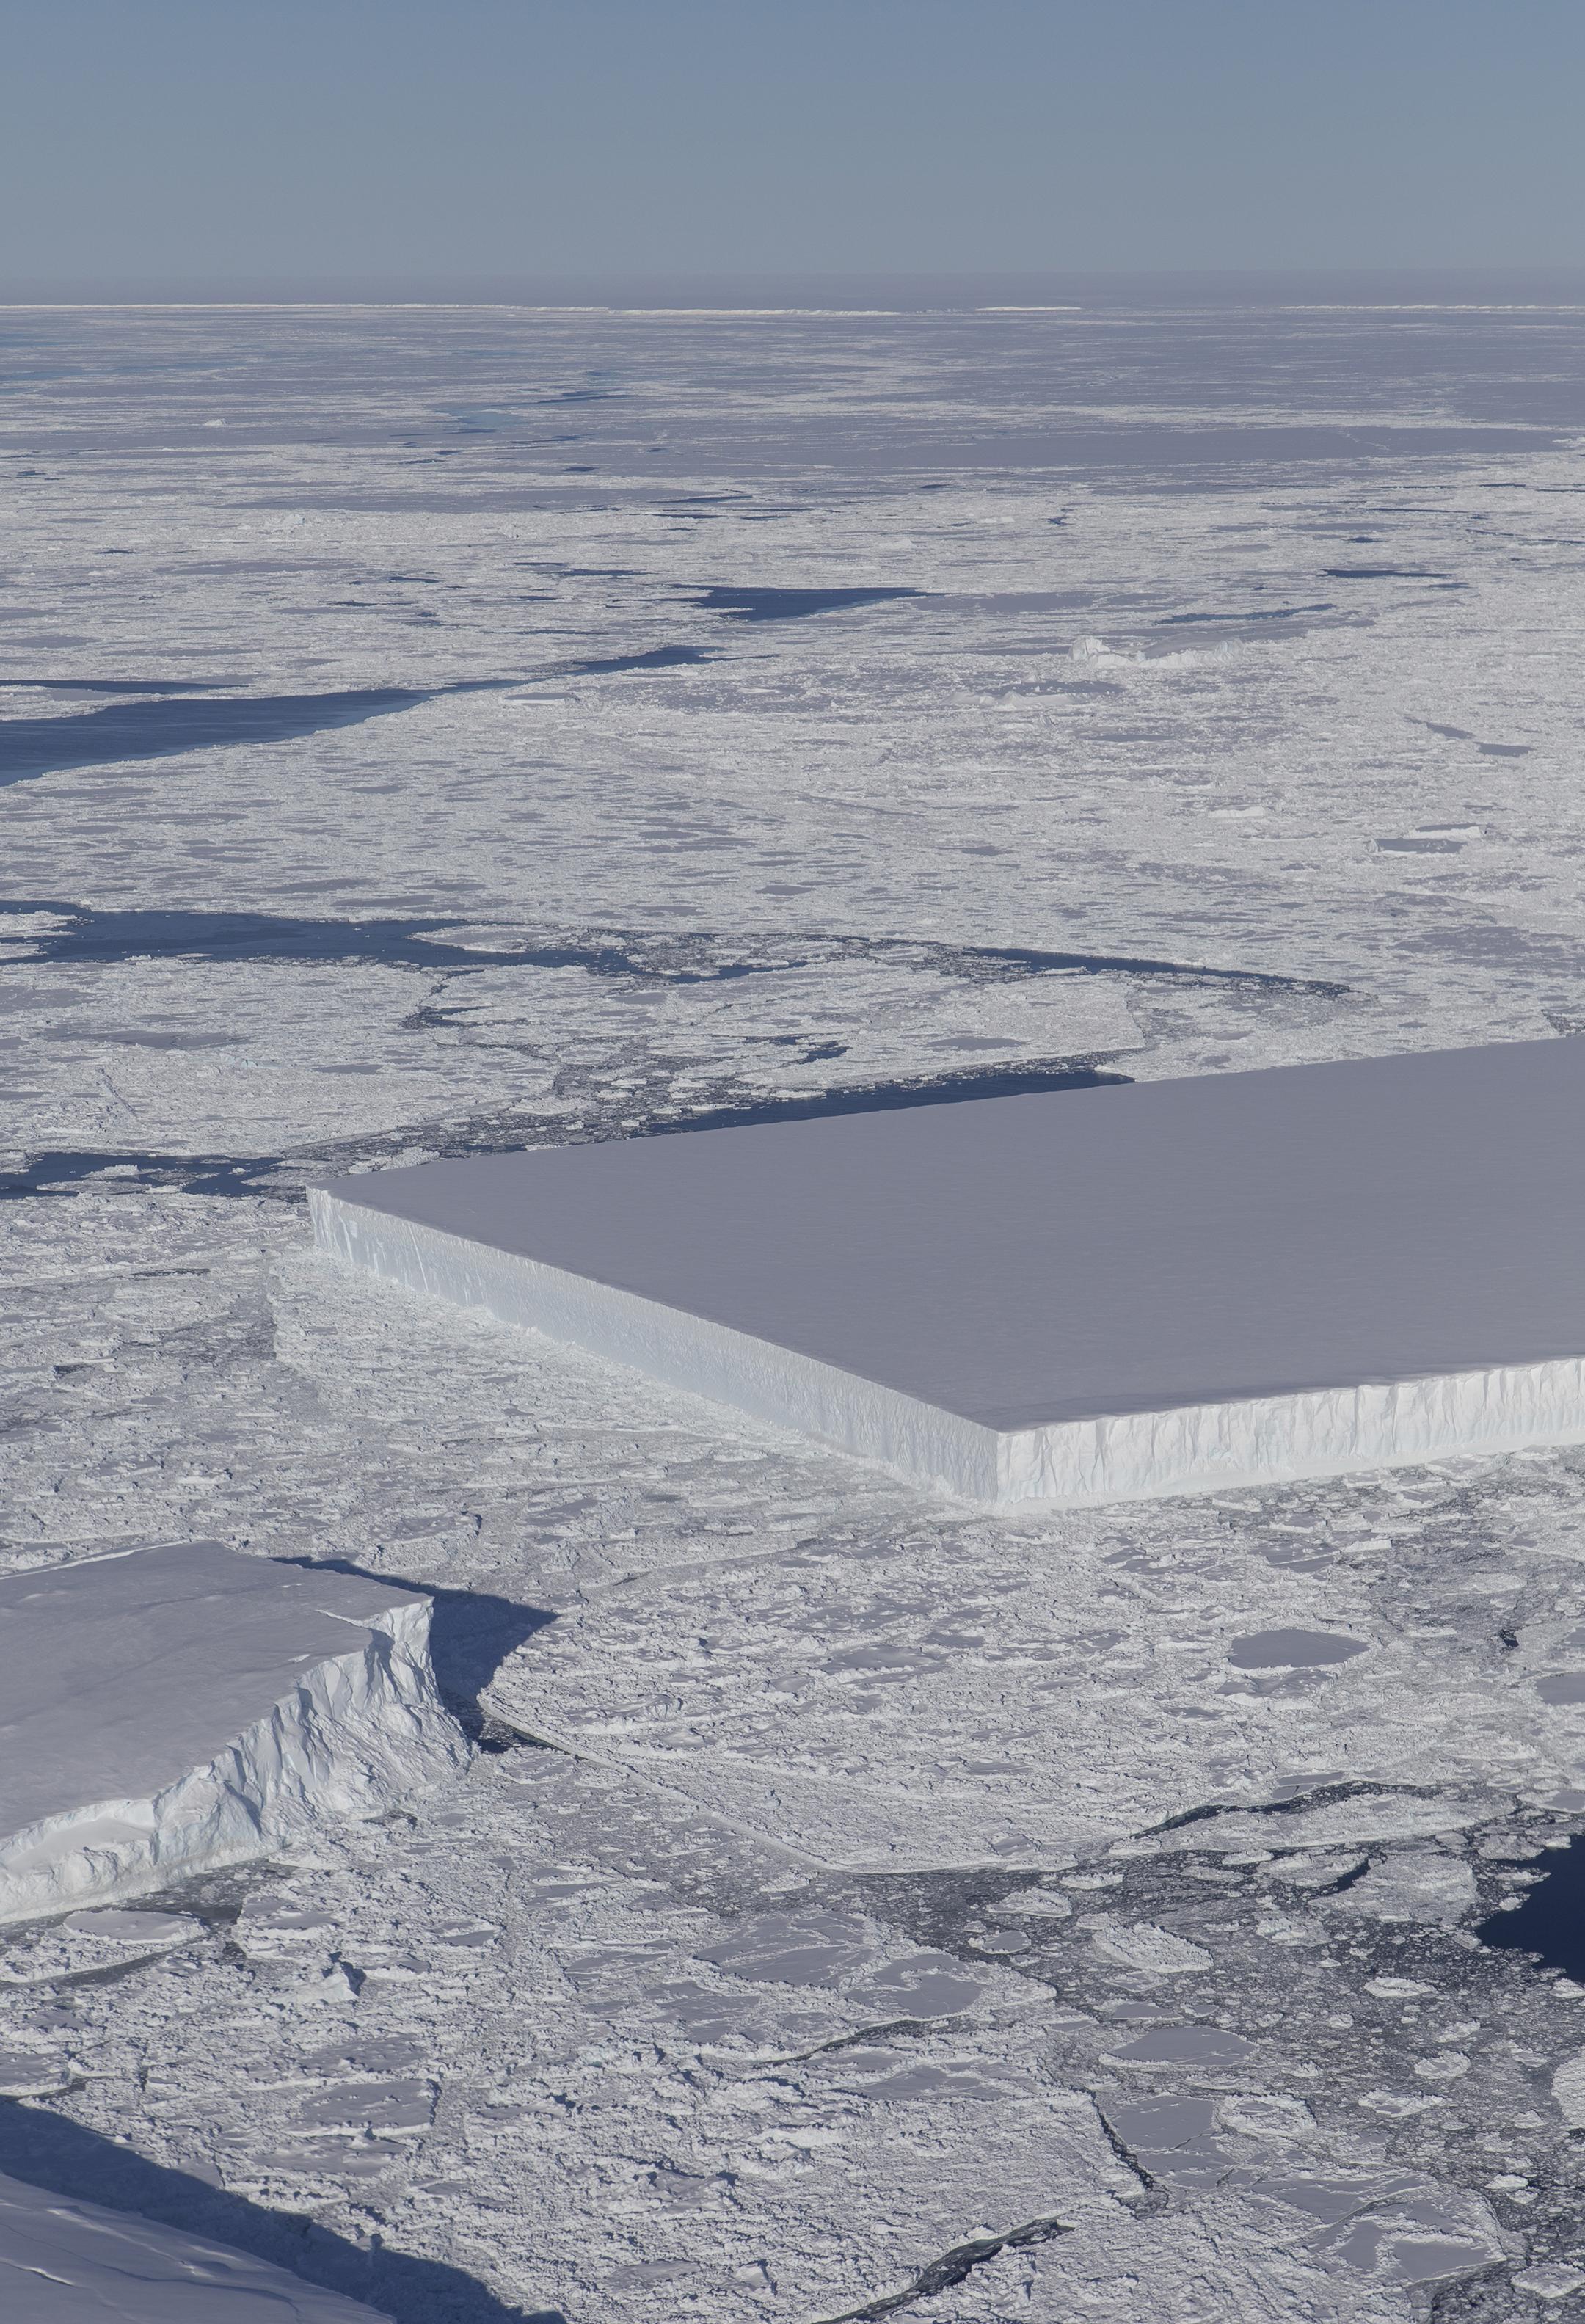 deux icebergs rectangulaires